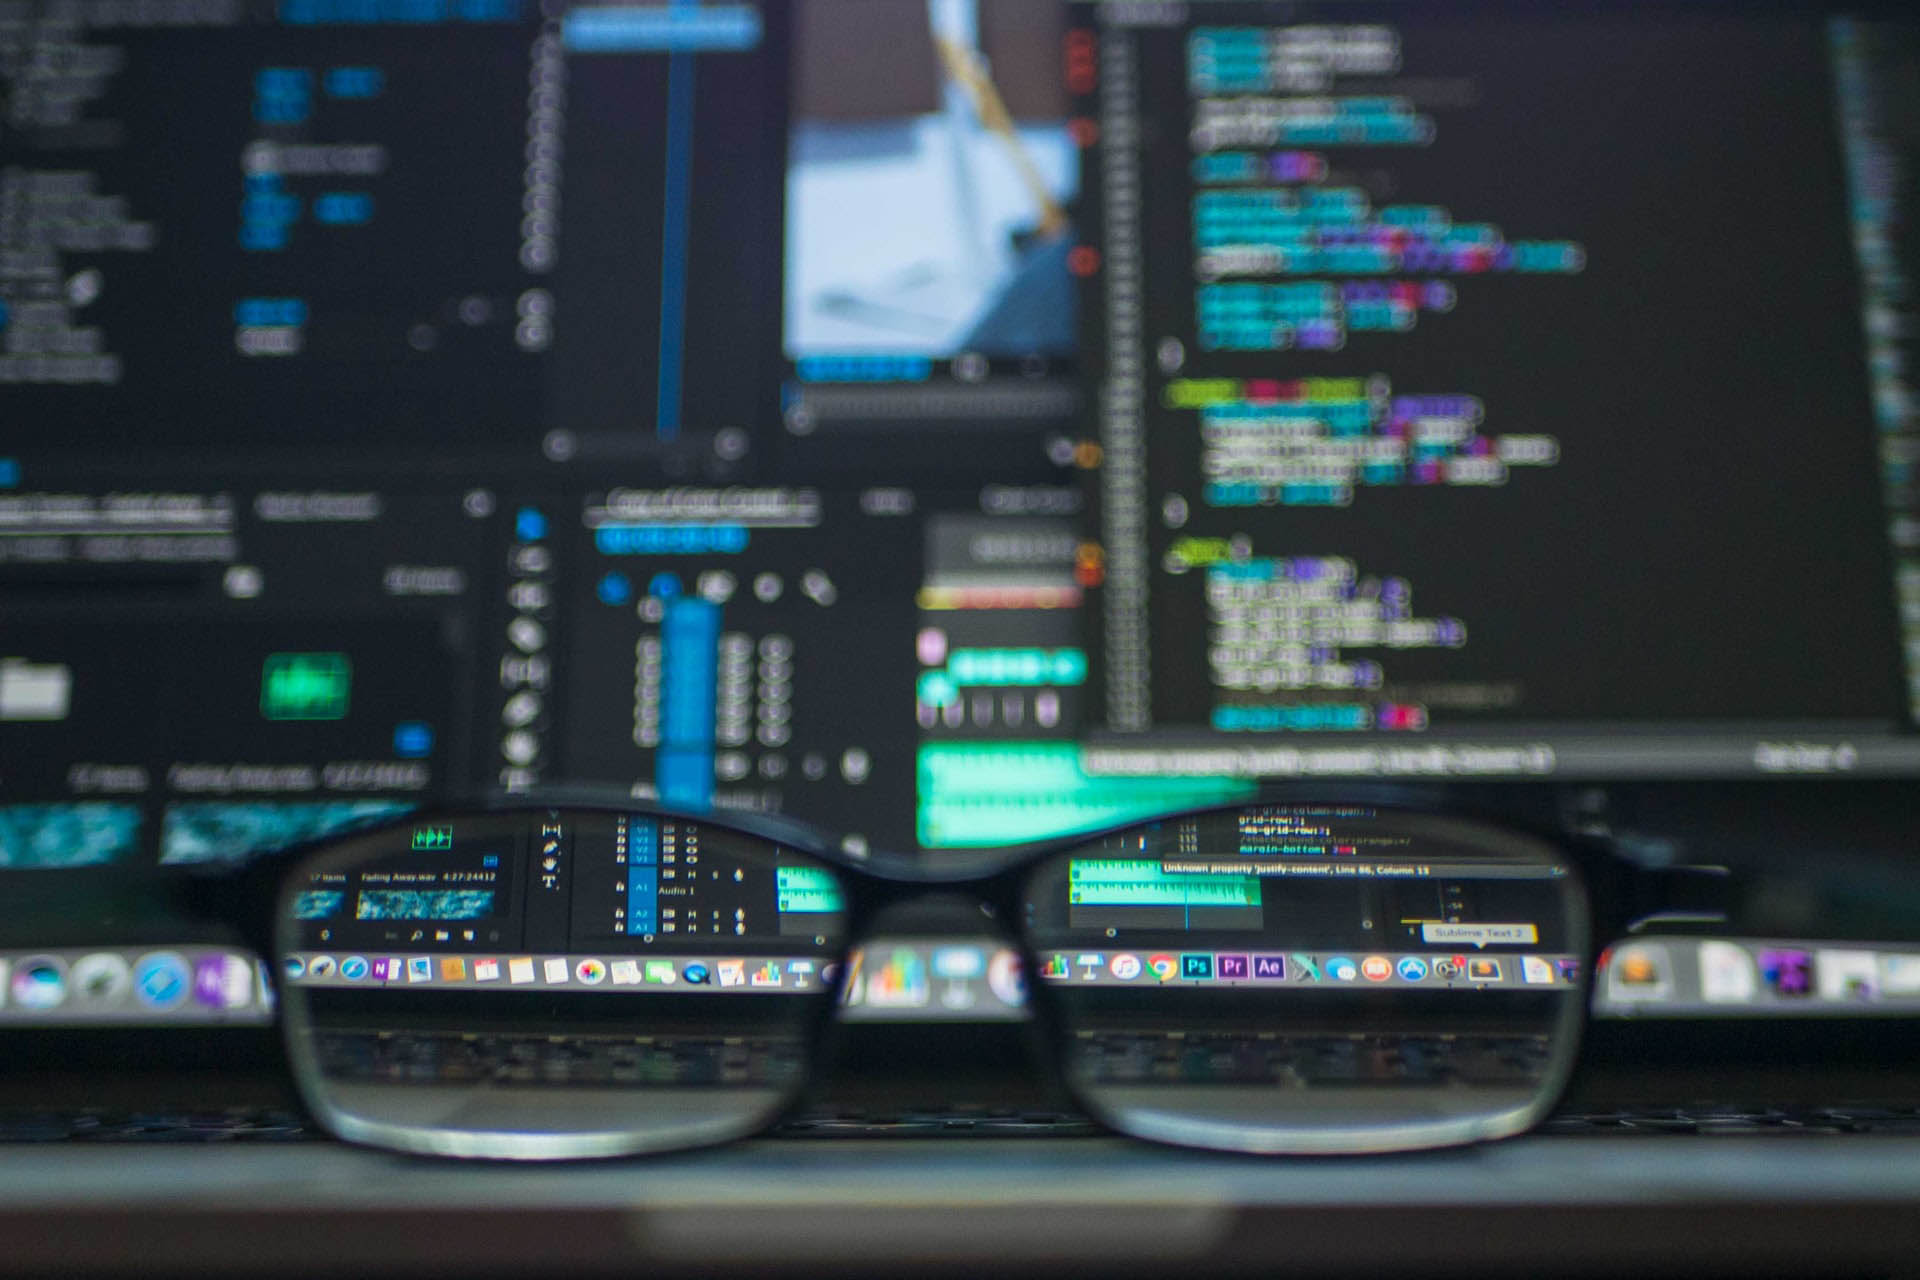 العلم وقطاع الأعمال والضجيج الإعلامي: التعلم الآلي كحالة نموذجية